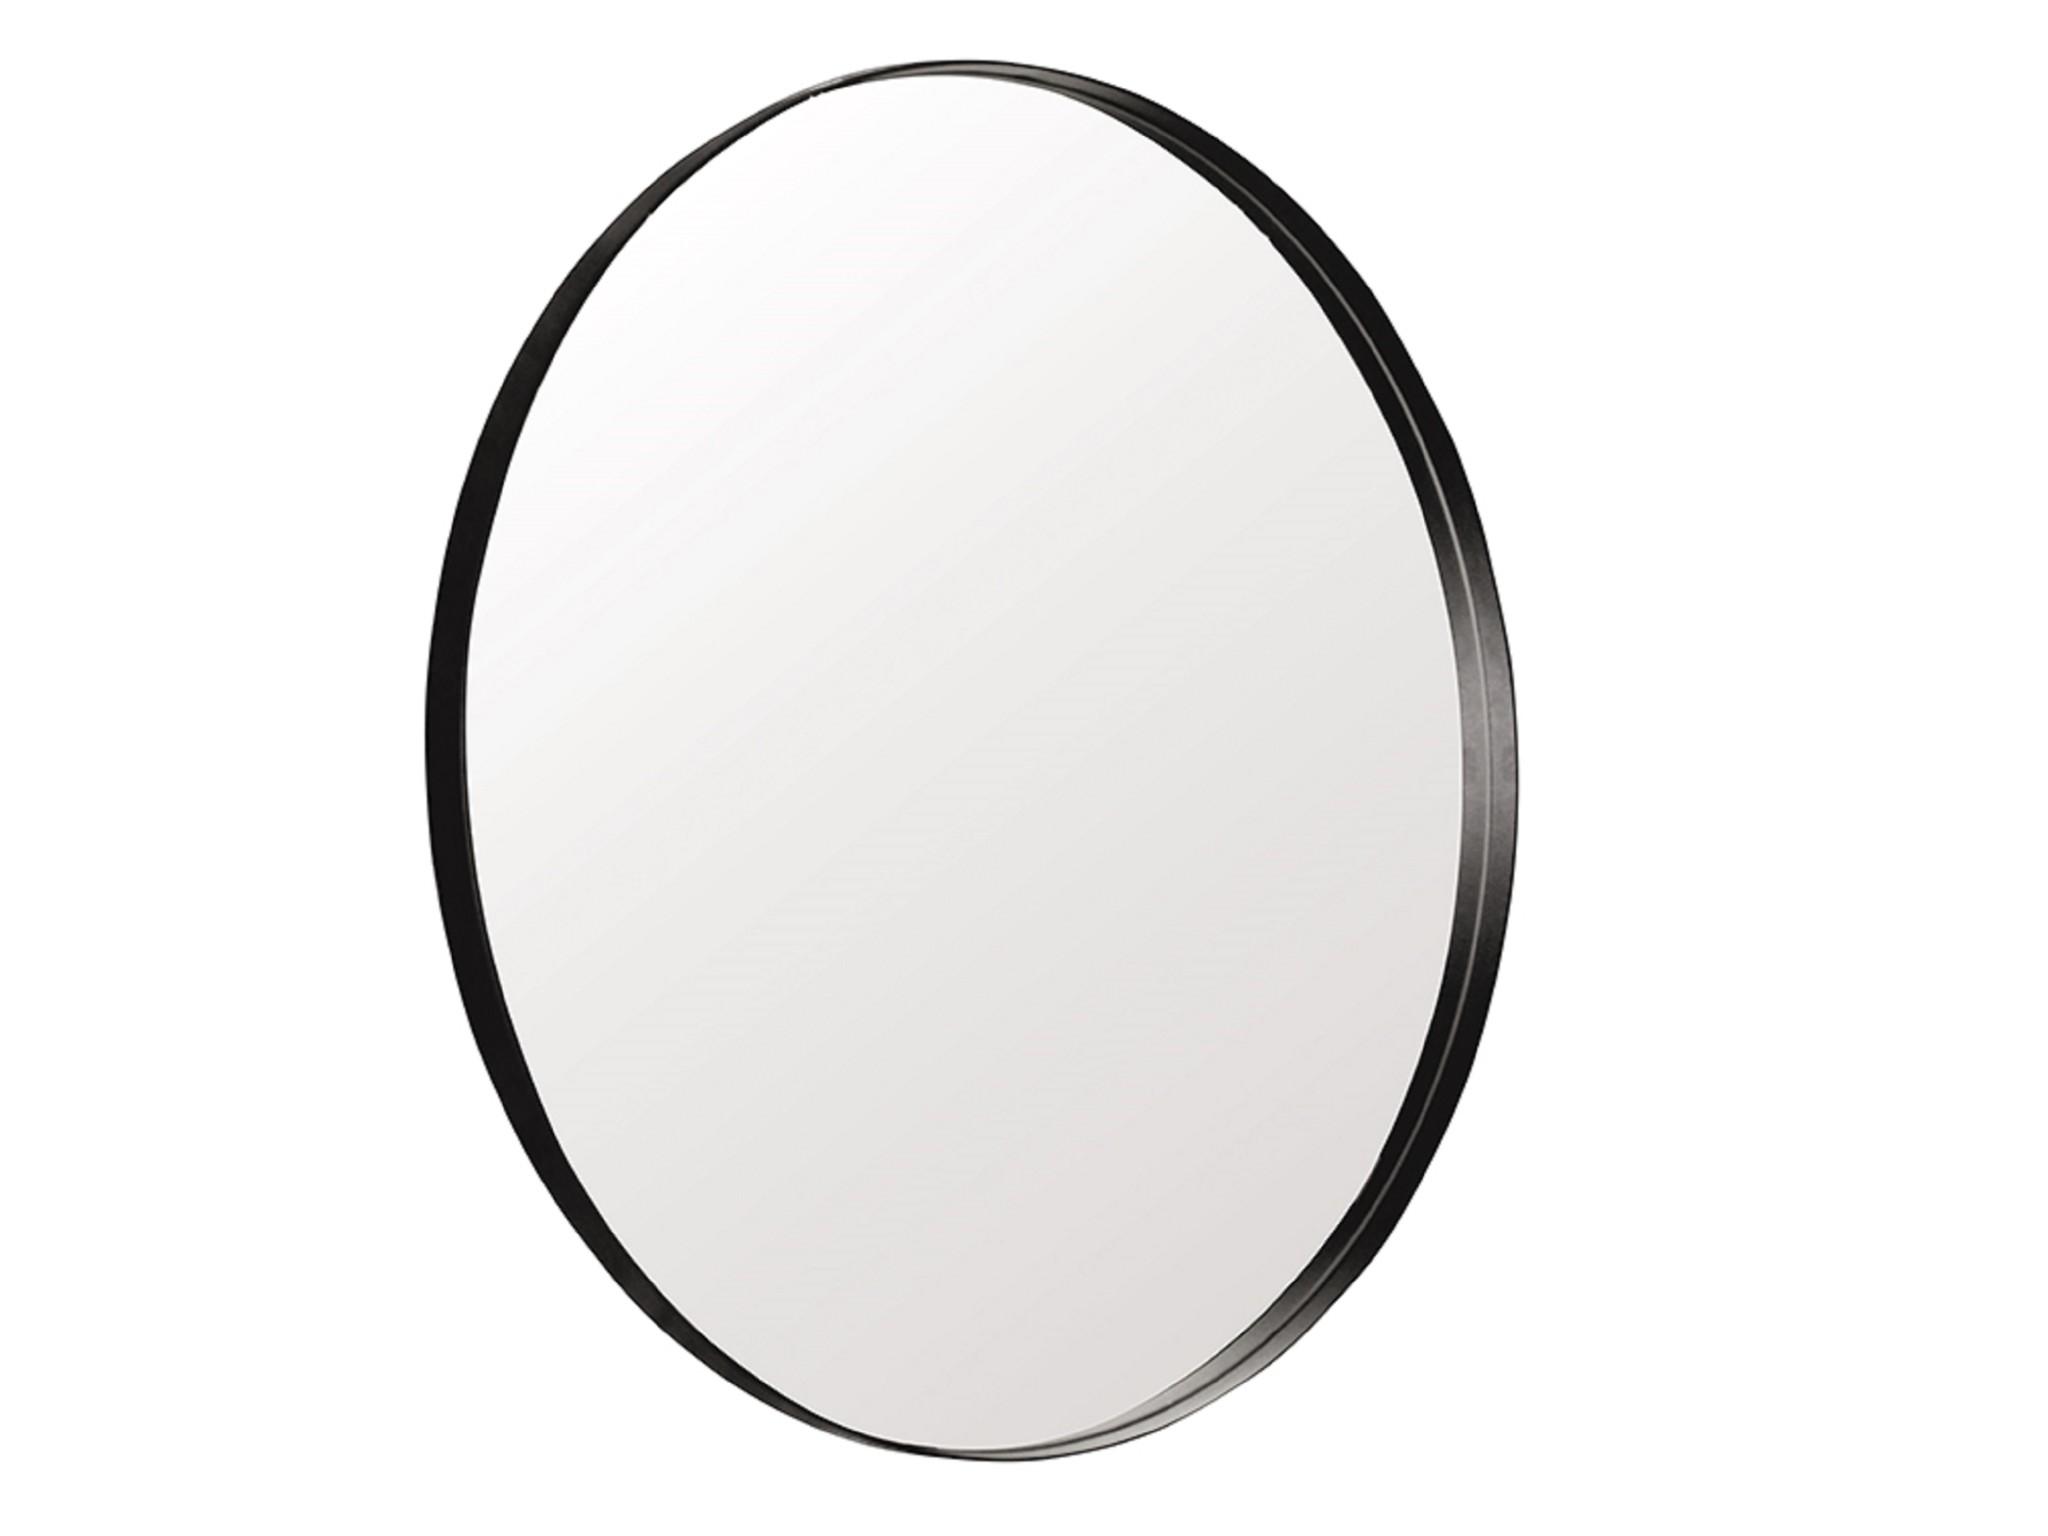 Настенное зеркало мона 60*60 (simple mirror) черный 4.0 см.